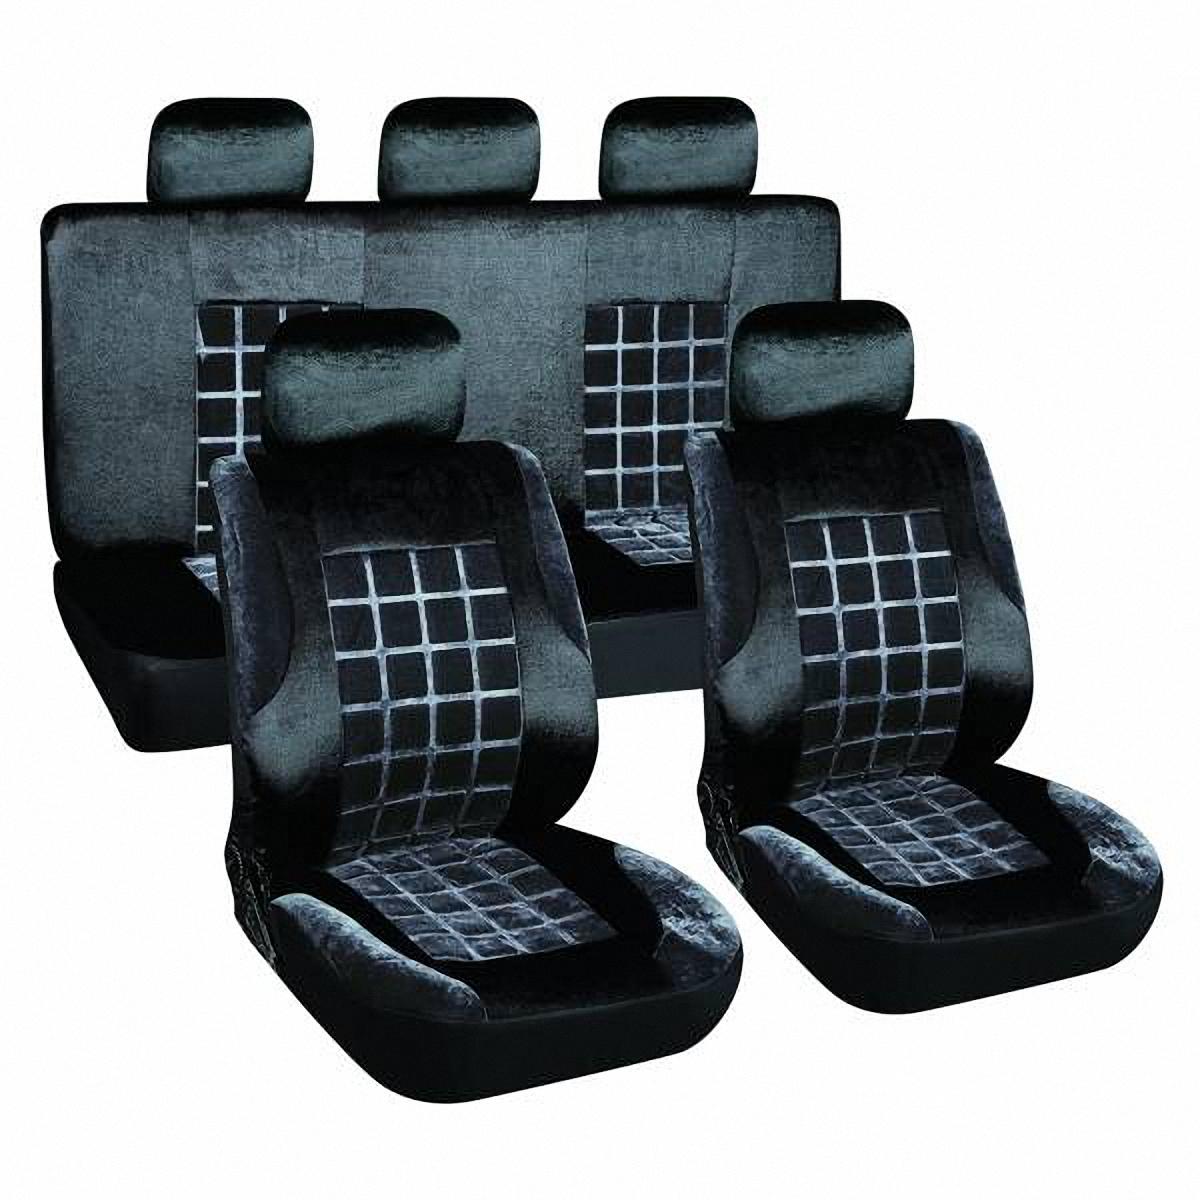 Чехлы автомобильные Skyway. S01301153V001-D1Комплект классических универсальных автомобильных чехлов Skyway S01301153 изготовлен из вельвета. Чехлы защитят обивку сидений от вытирания и выцветания. Благодаря структуре ткани, обеспечивается улучшенная вентиляция кресел, что позволяет сделать более комфортными долгое пребывание за рулем во время дальней поездки.